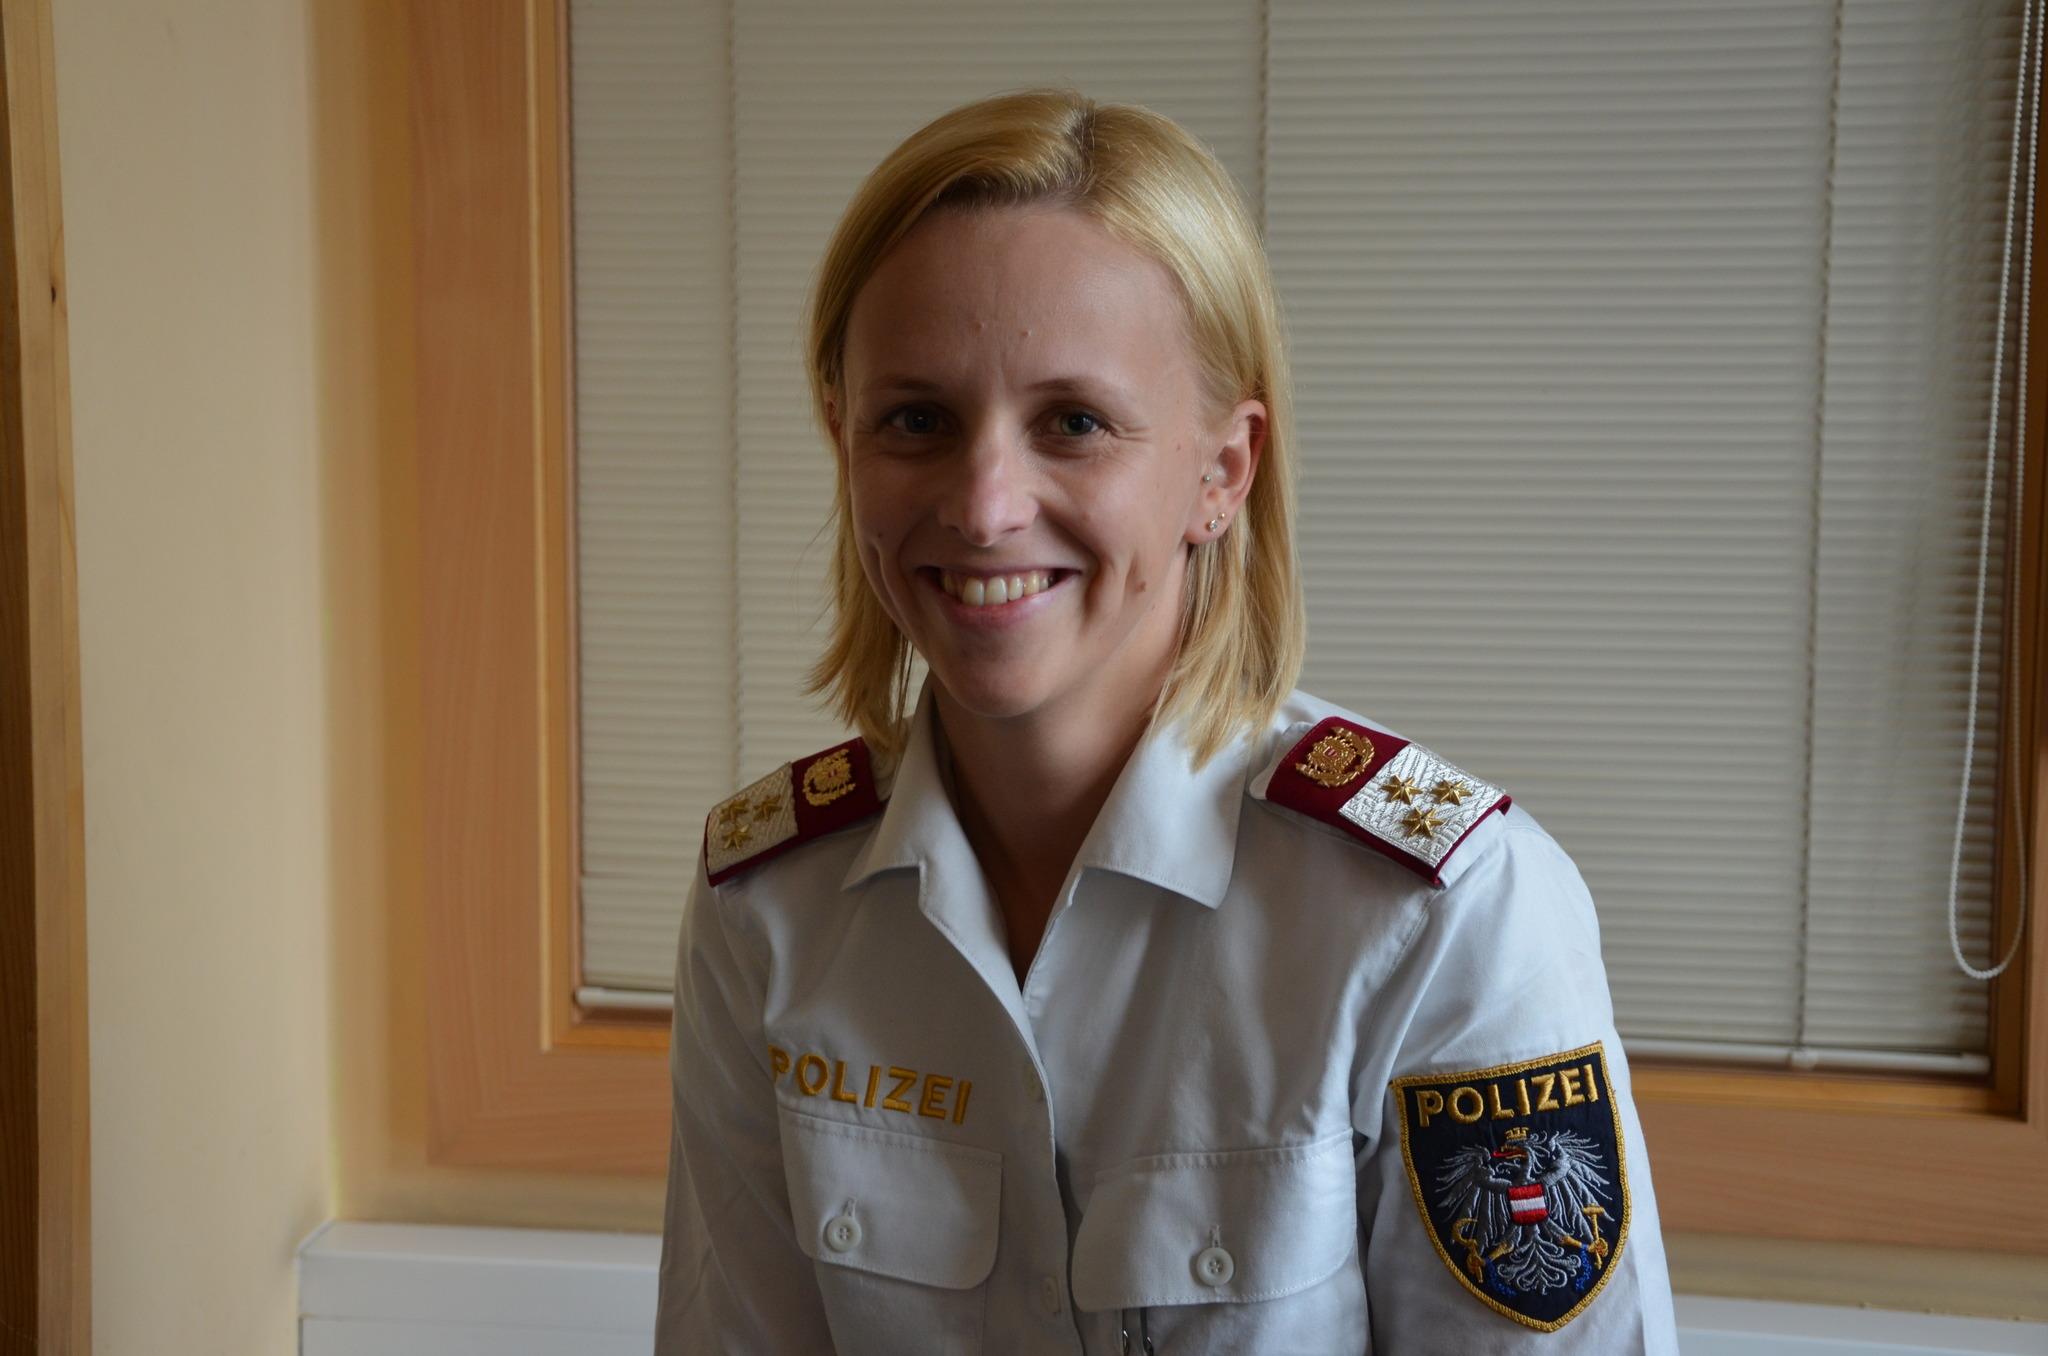 28-jhrige Polizistin schafft Chef-Ausbildung - Schrding